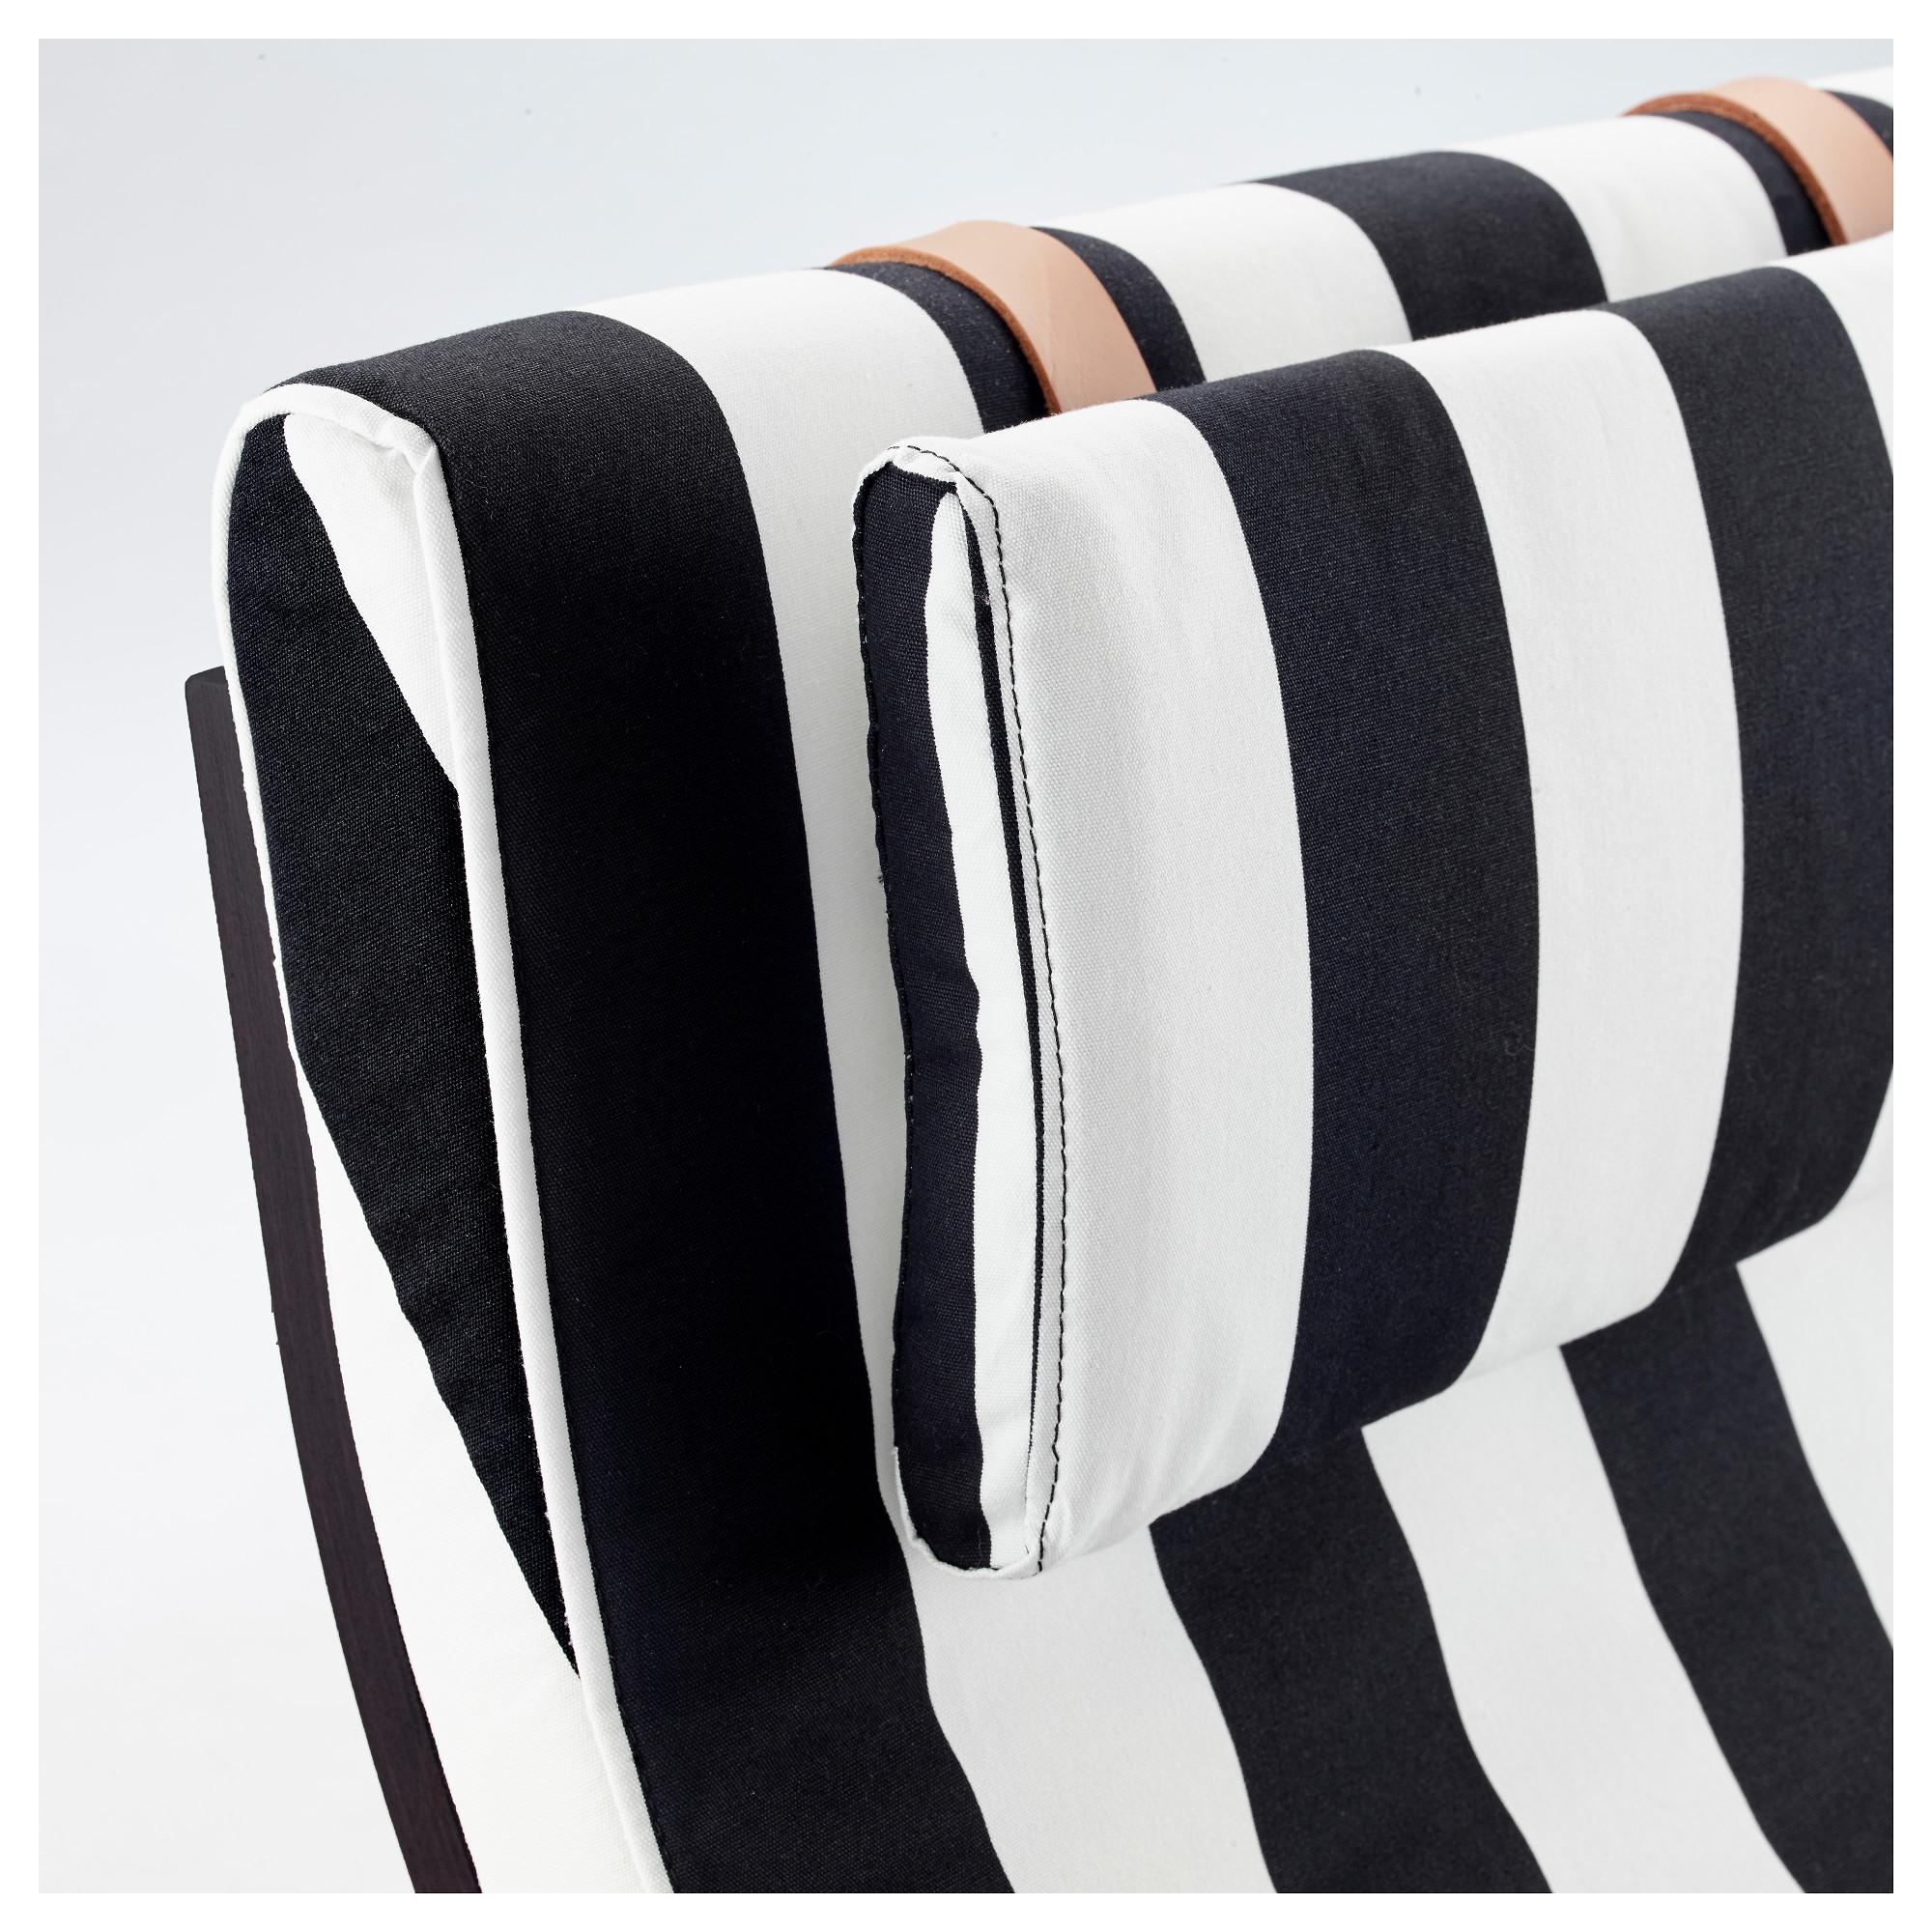 Кресло-качалка ПОЭНГ черный/белый артикуль № 292.515.64 в наличии. Online сайт IKEA Беларусь. Недорогая доставка и монтаж.